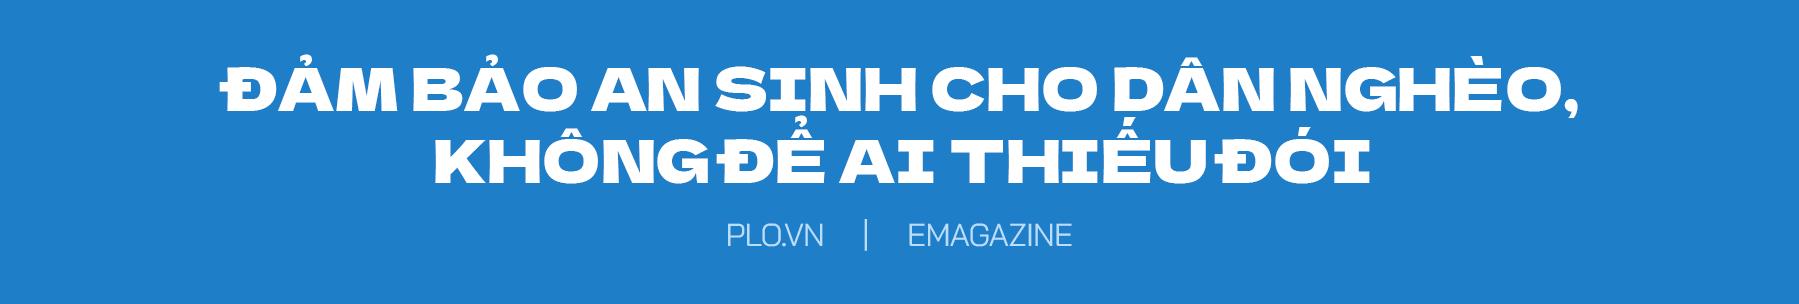 Emagazine: TP.HCM và cuộc chiến xoay chiều trước đại dịch COVID-19 - ảnh 34